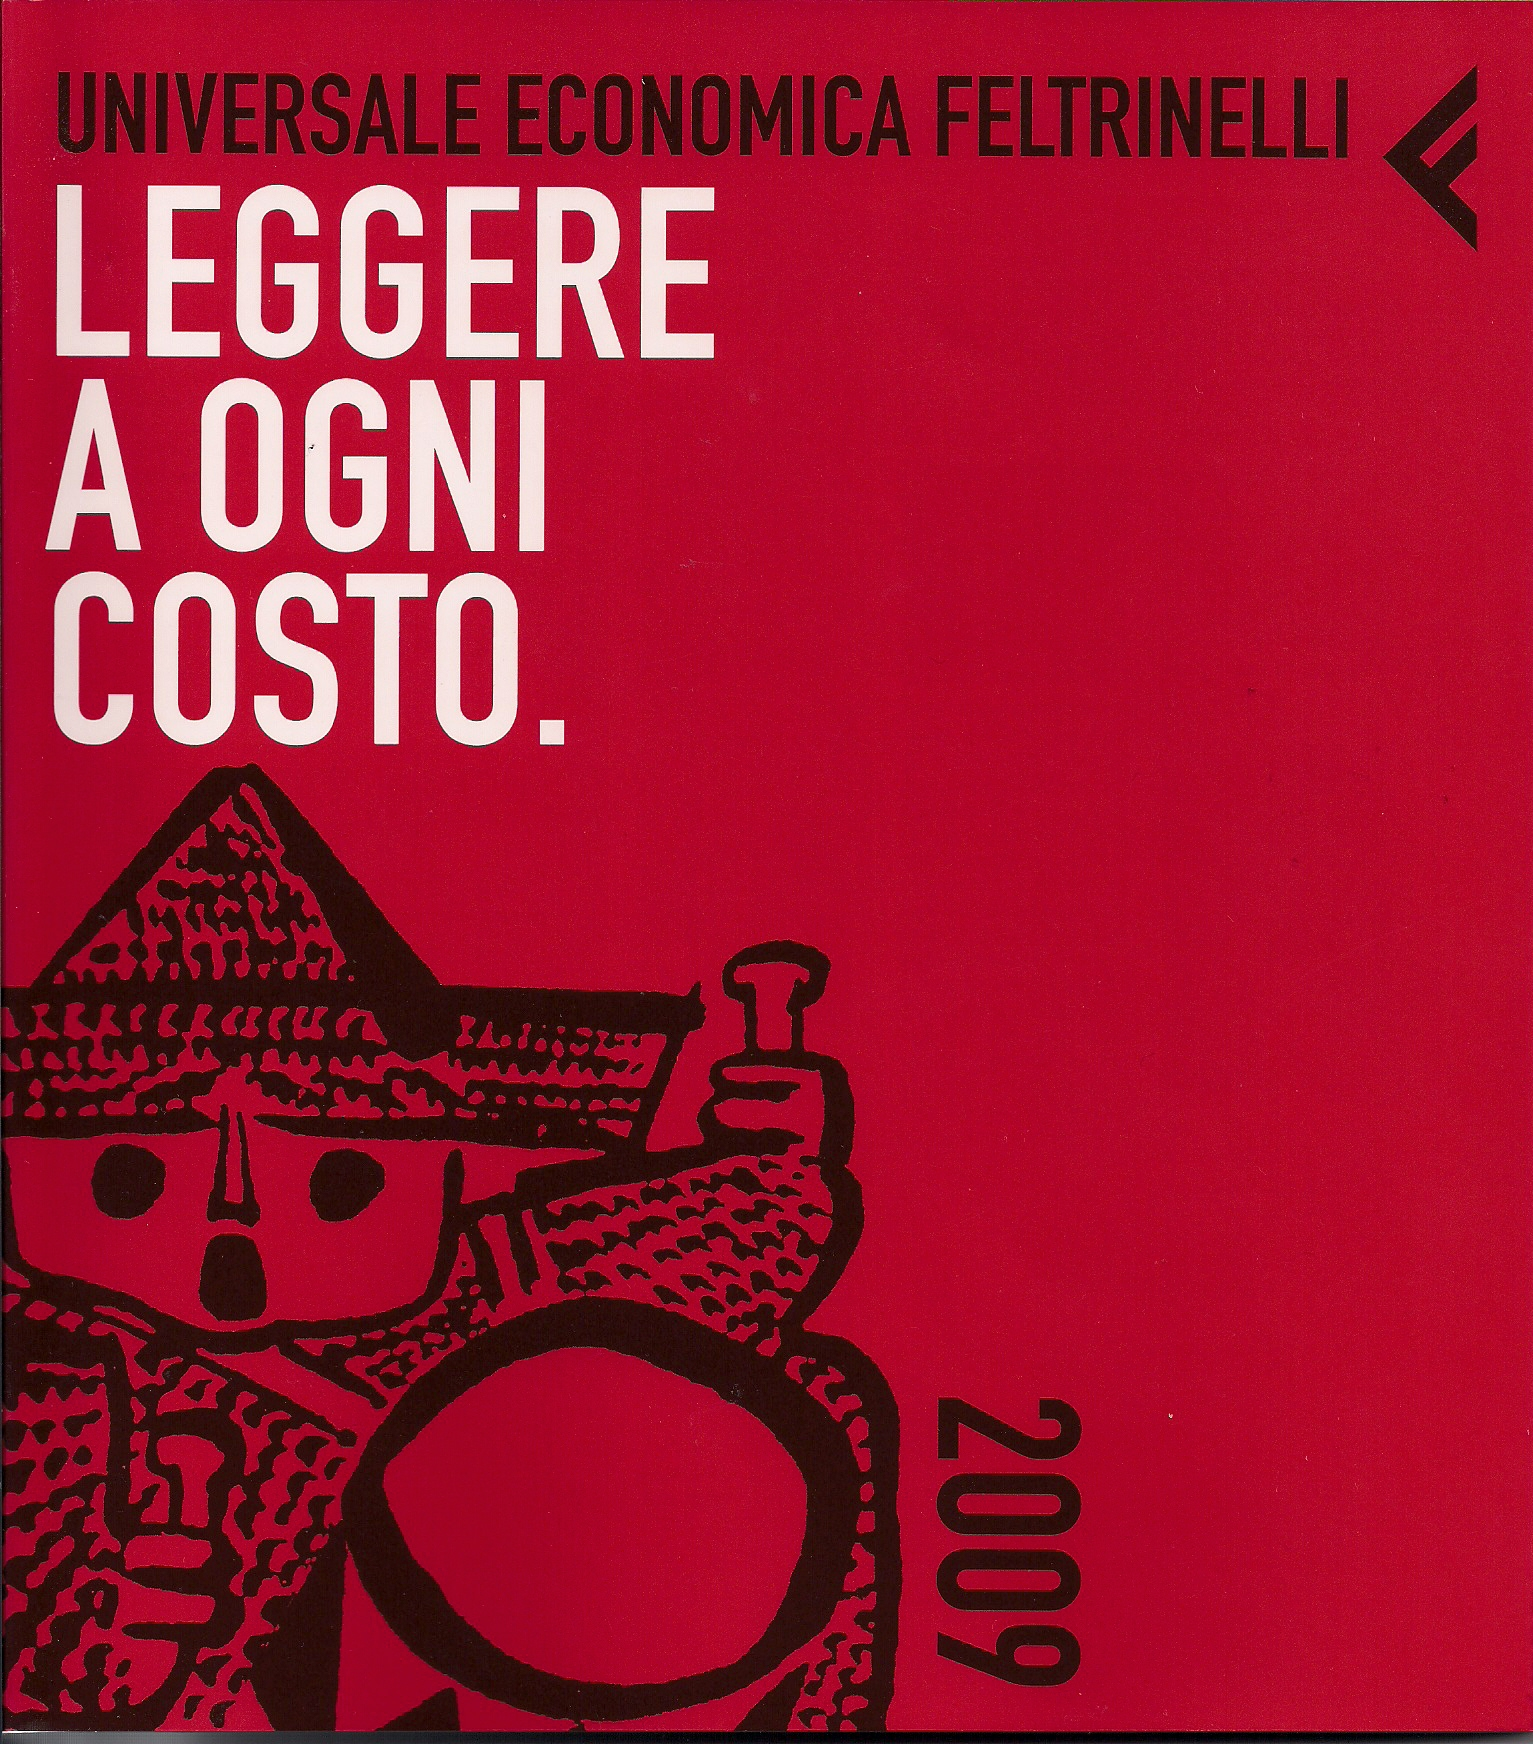 Universale Economica Feltrinelli 2009